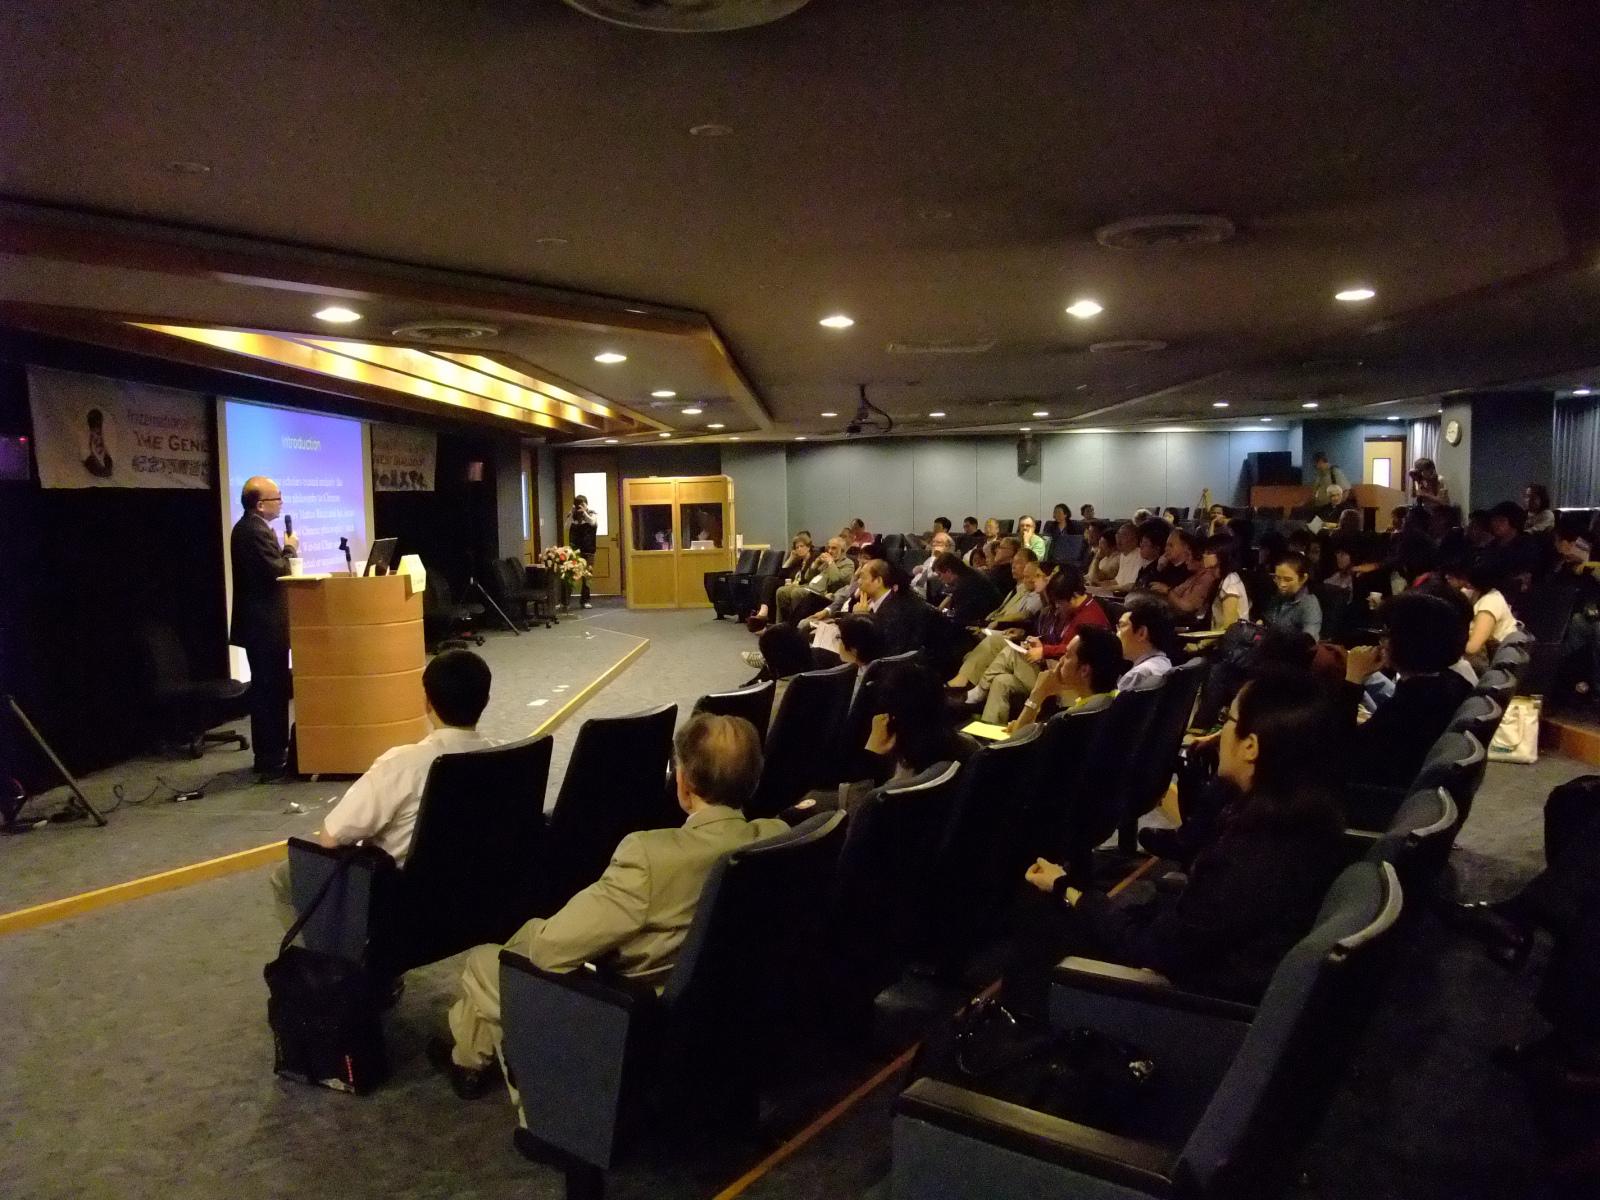 201004紀念利瑪竇逝世四百週年國際學術研討會-2